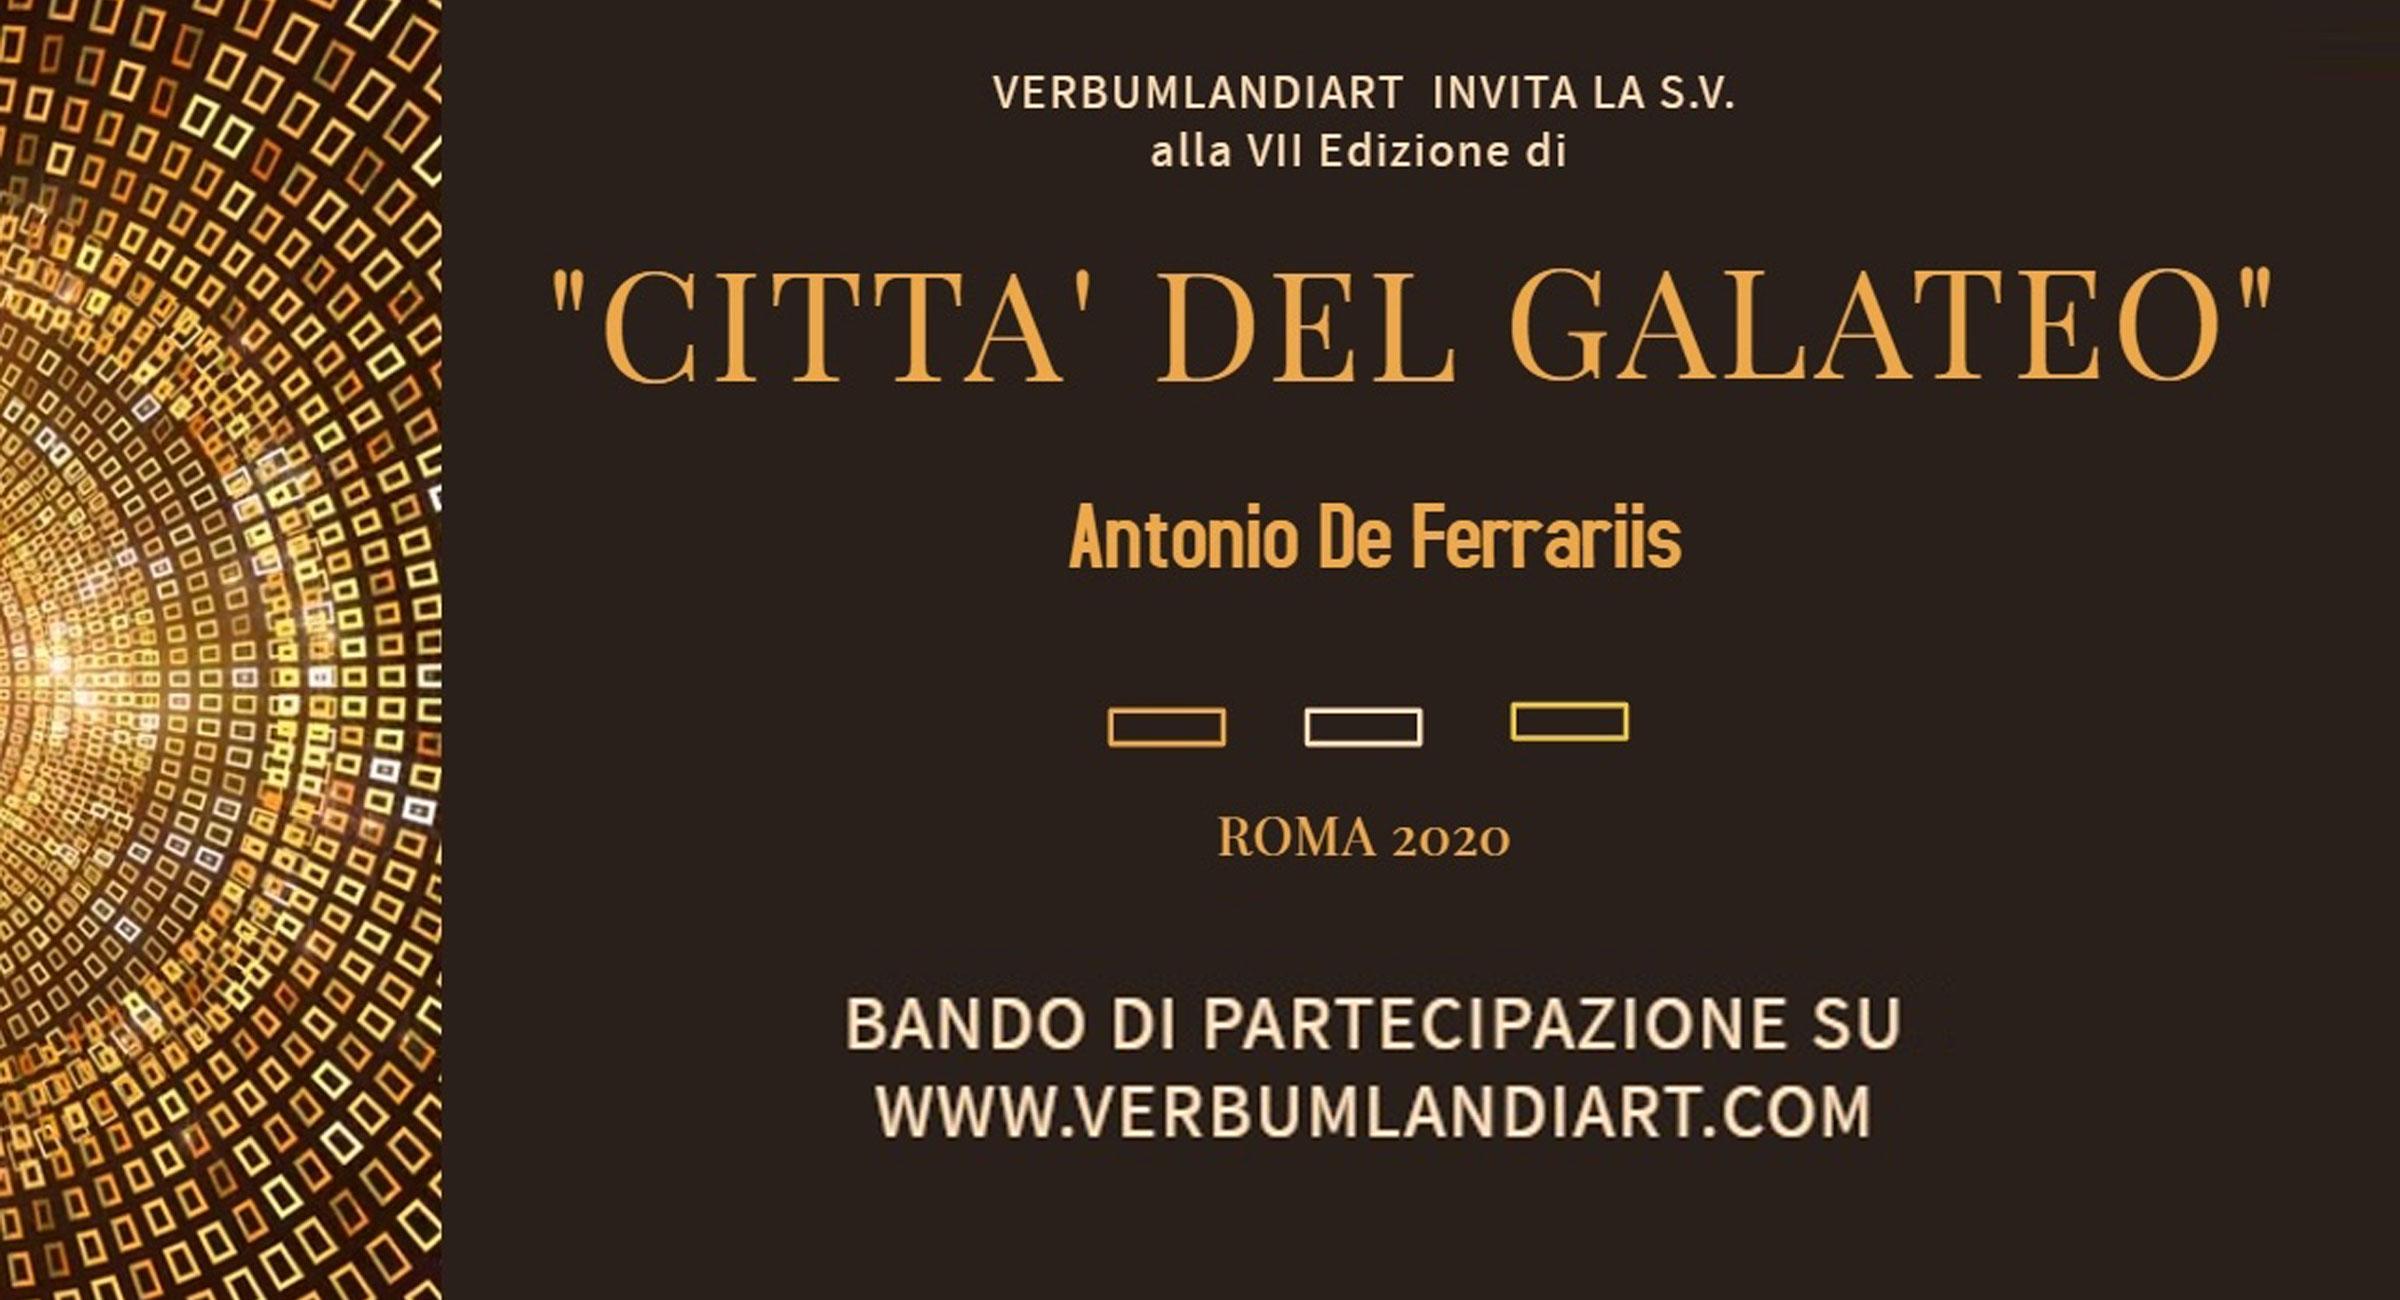 """PREMIO """"CITTA' DEL GALATEO -ANTONIO DE FERRARIIS"""" ROMA 2020"""